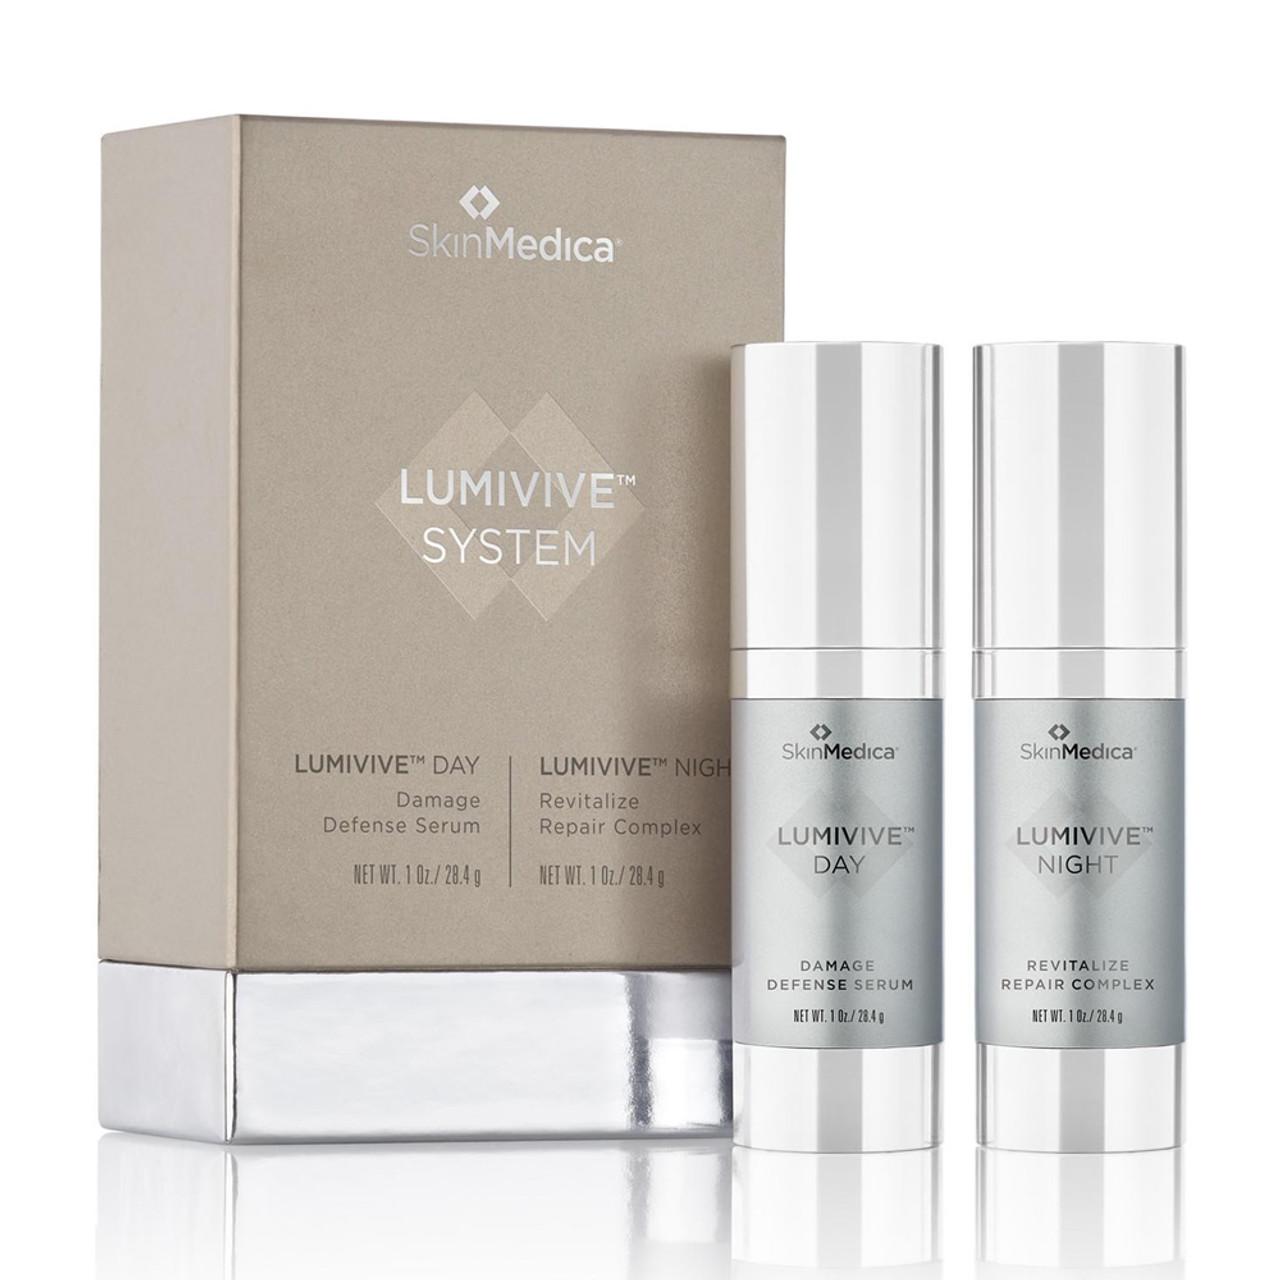 SkinMedica Lumivive System BeautifiedYou.com